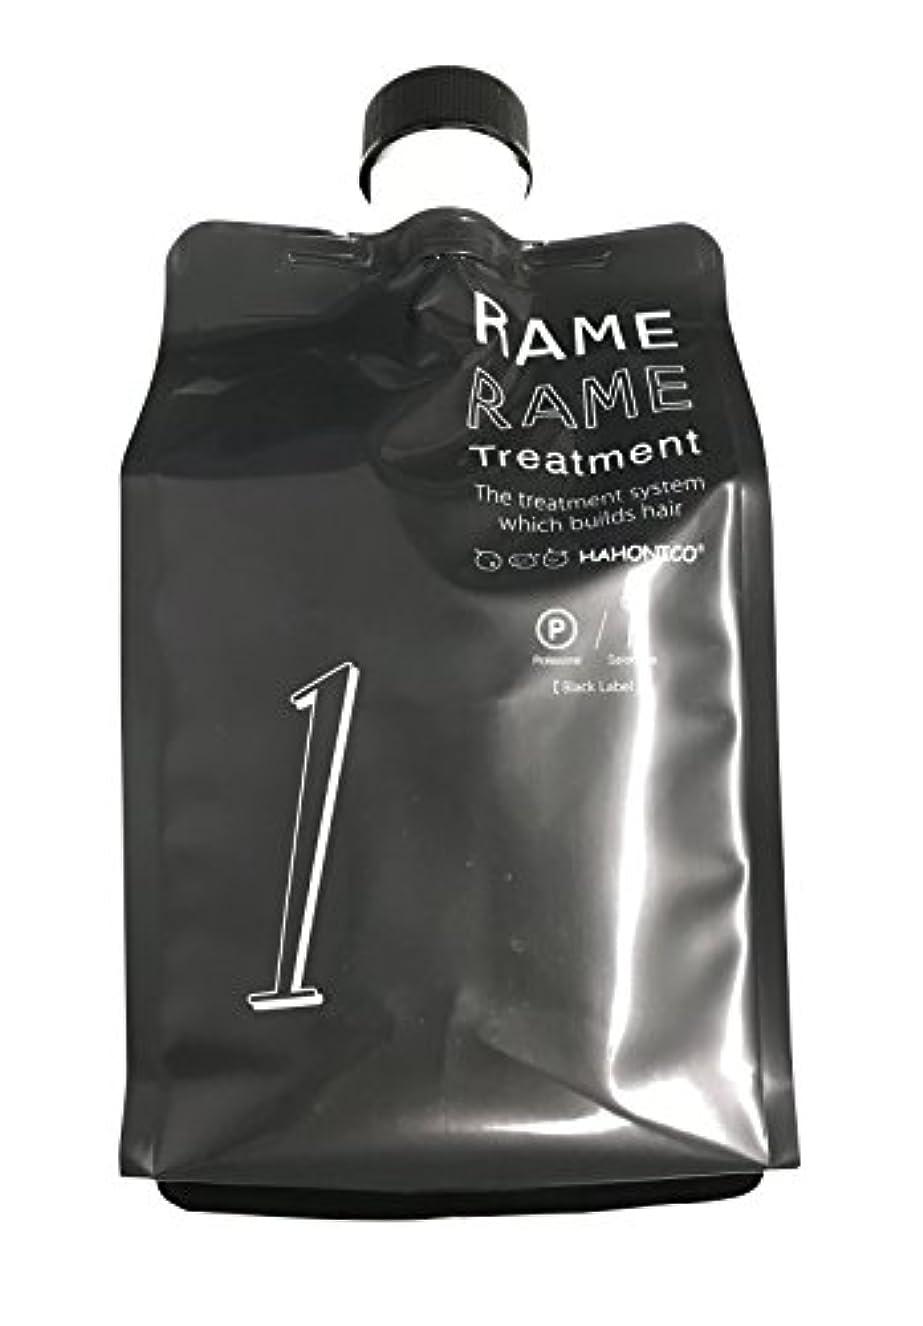 費やす地中海遊具ハホニコ (HAHONICO) ザラメラメ No.1 Black Label 1000g